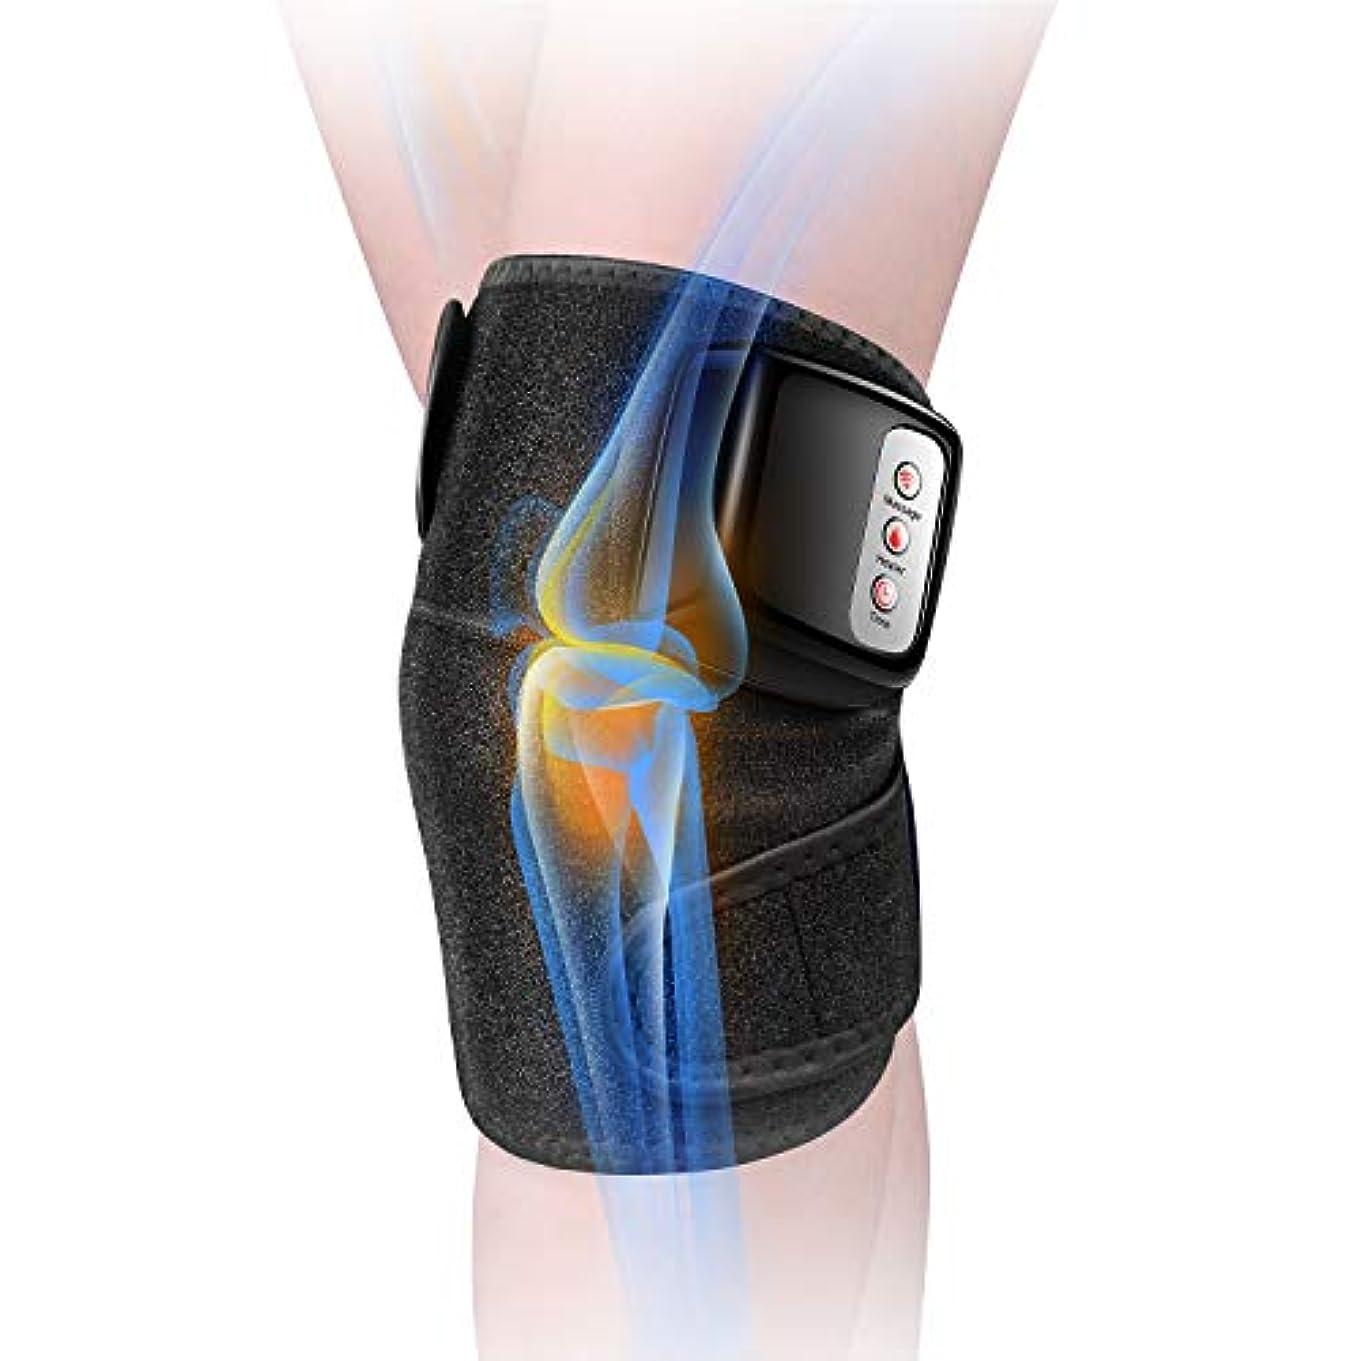 統計的インポート枕膝マッサージャー 関節マッサージャー マッサージ器 フットマッサージャー 振動 赤外線療法 温熱療法 膝サポーター ストレス解消 肩 太もも/腕対応